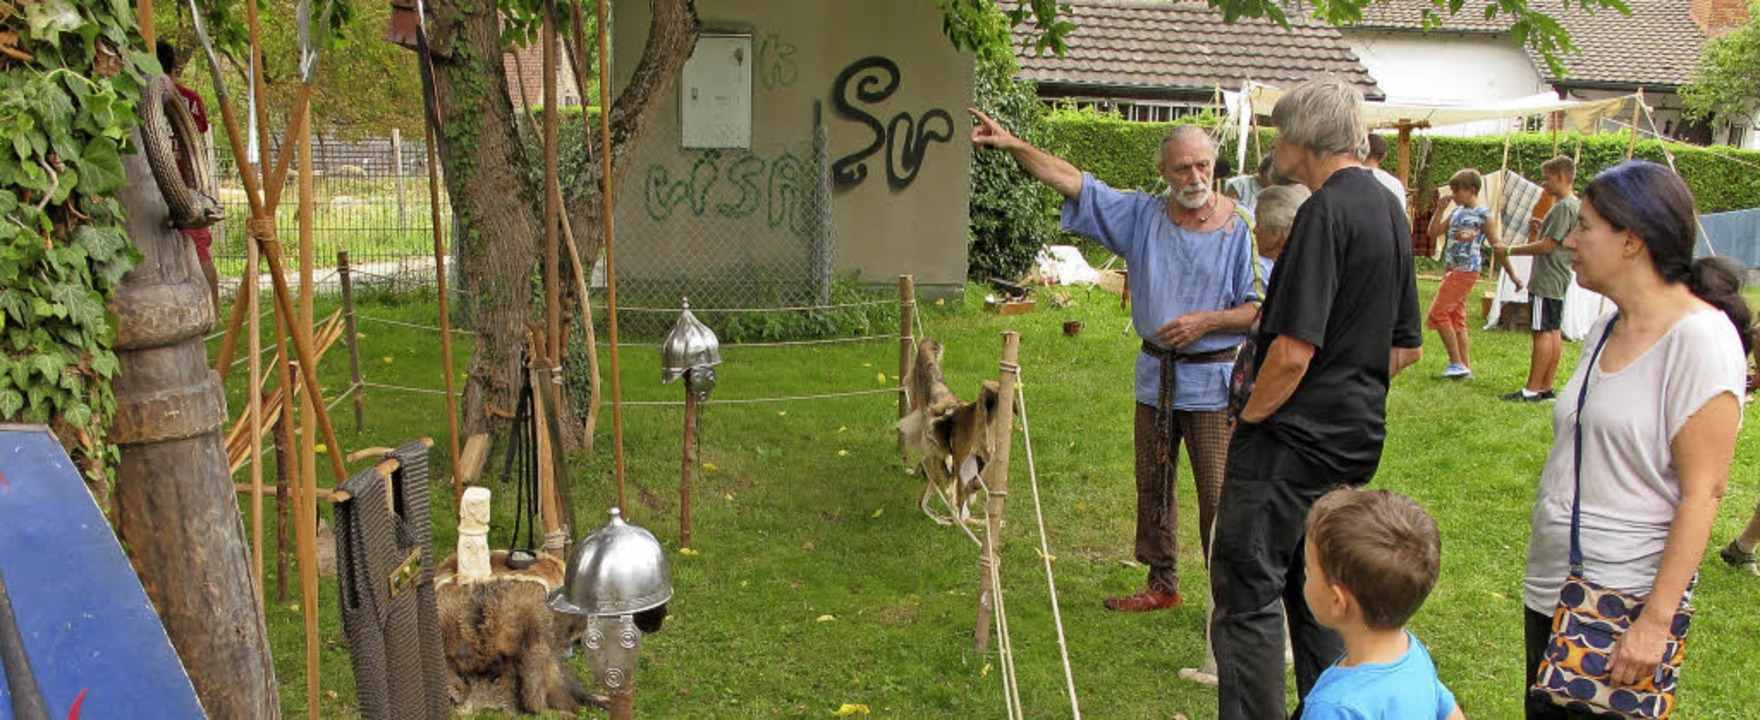 Die Keltengruppe Carnyx war beim Museu...nen sowie alte Techniken ausprobieren.  | Foto: Jutta Schütz